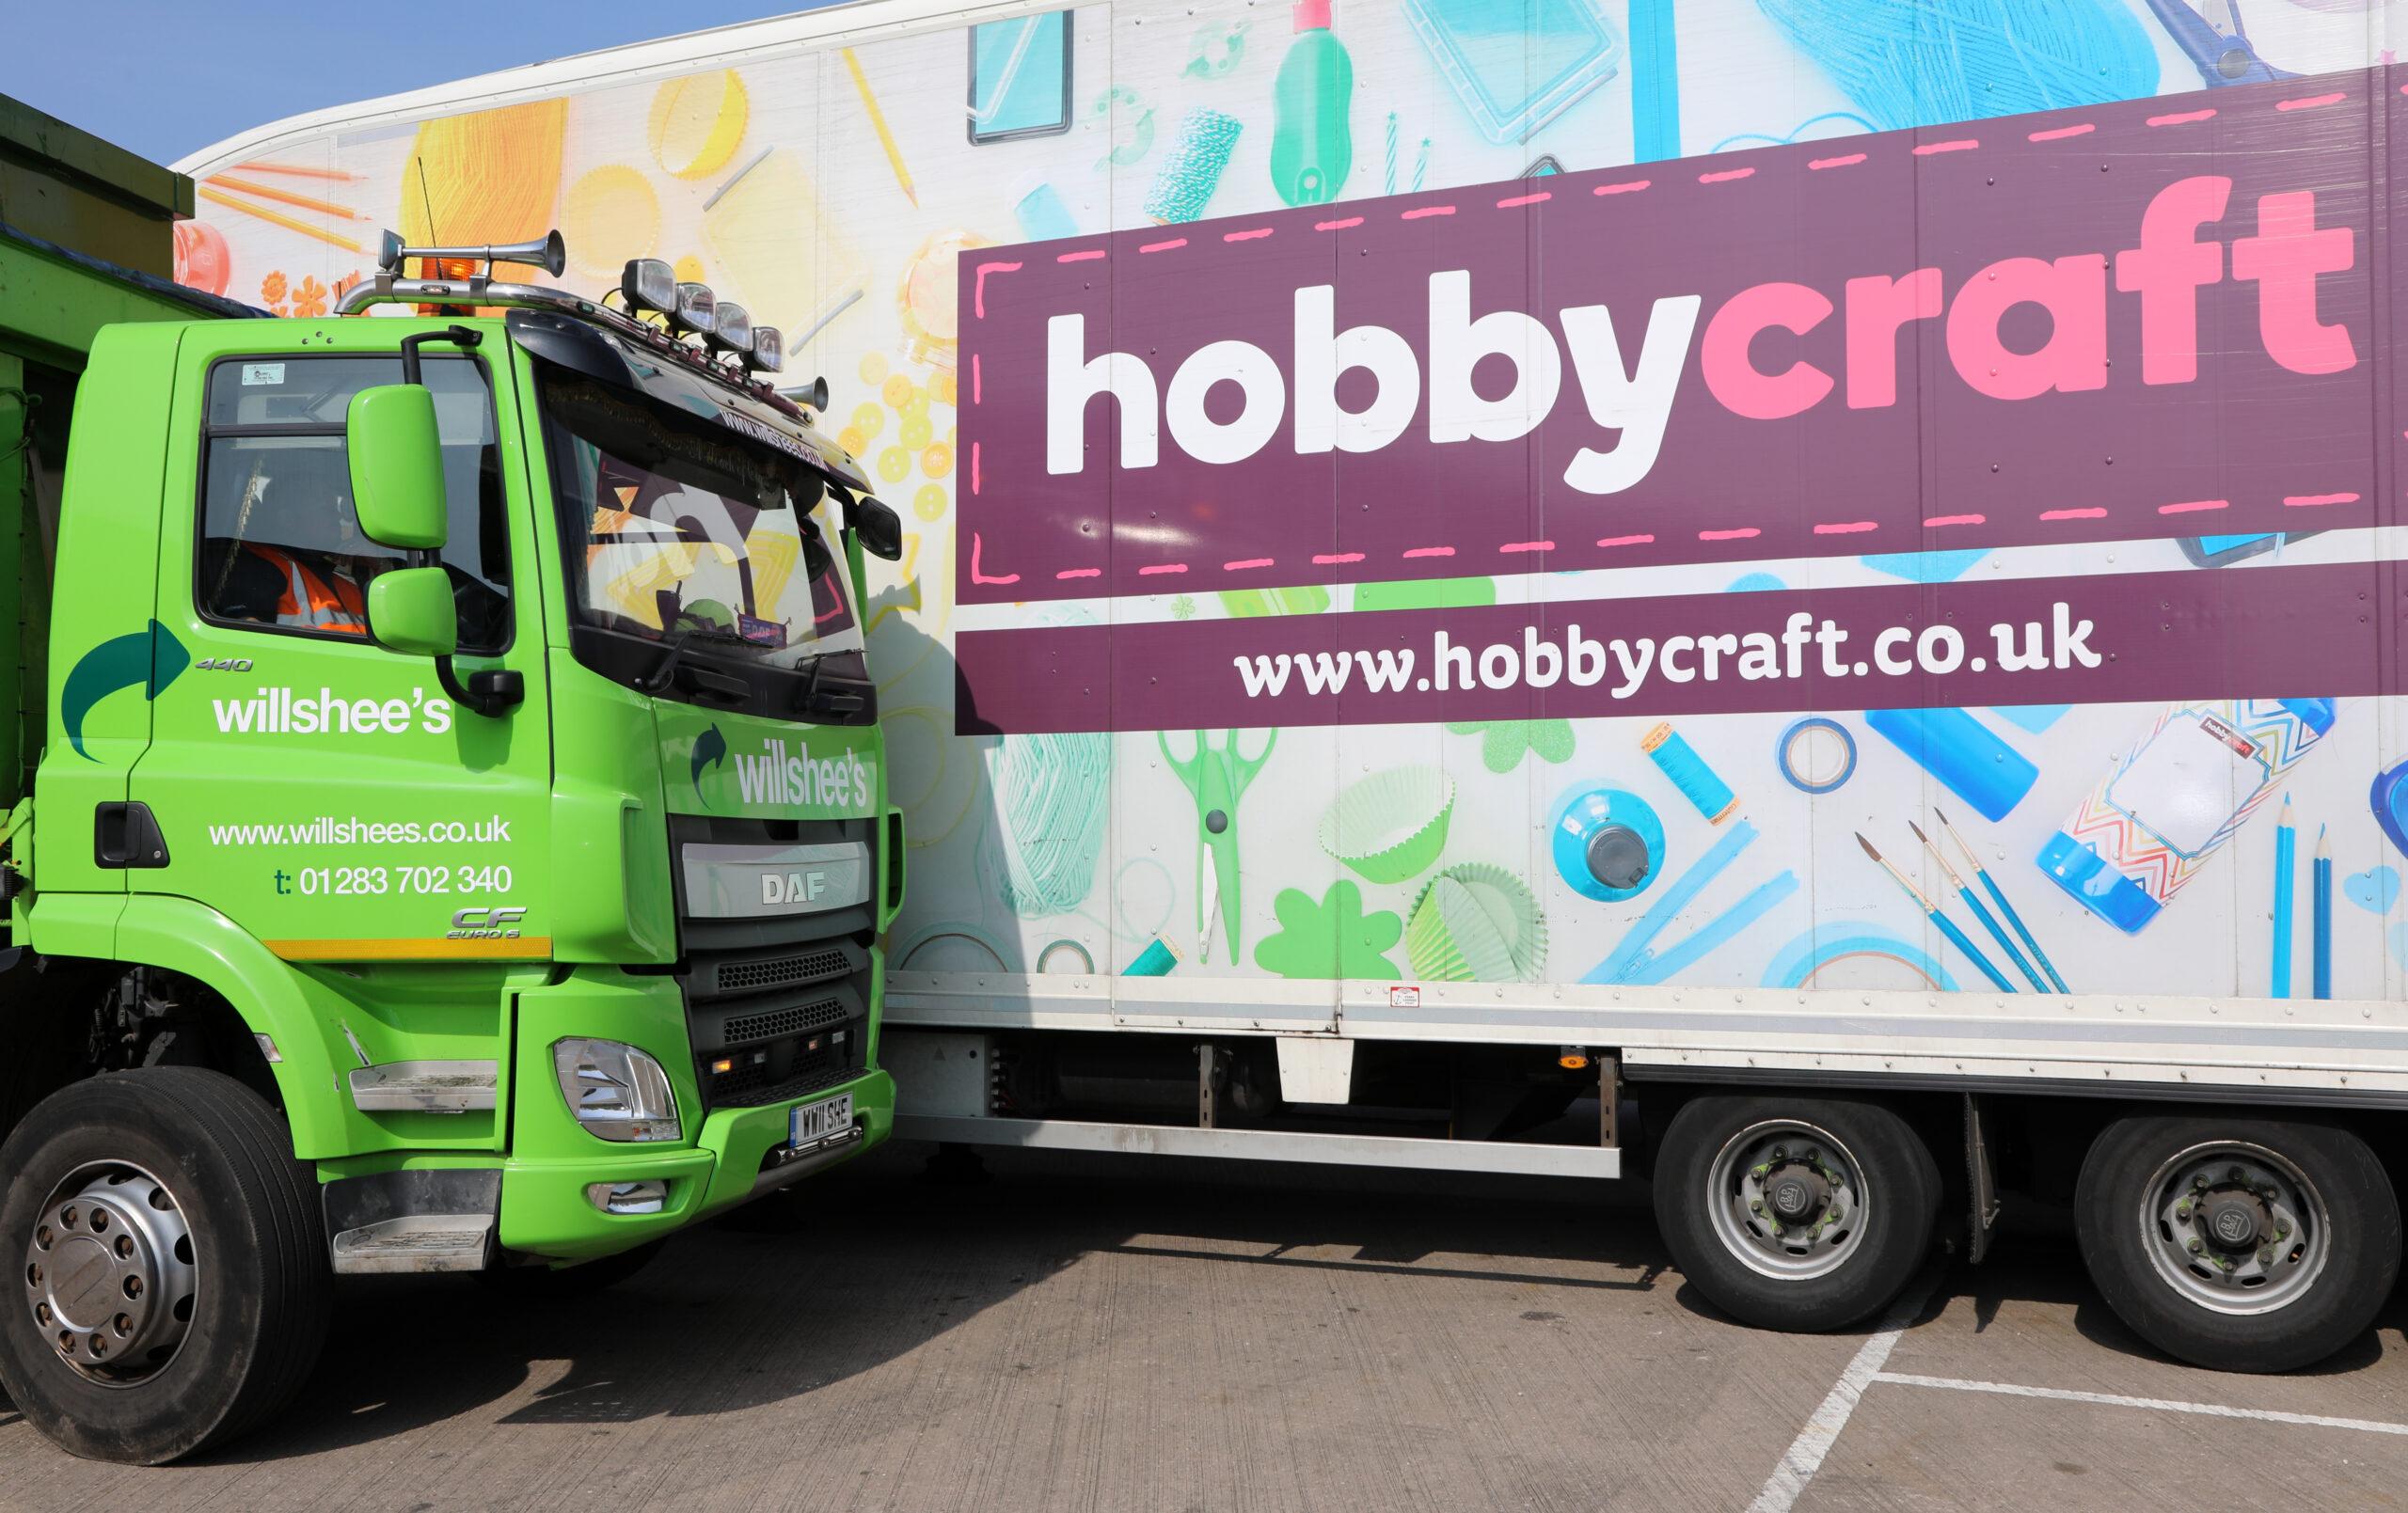 two branded lorries